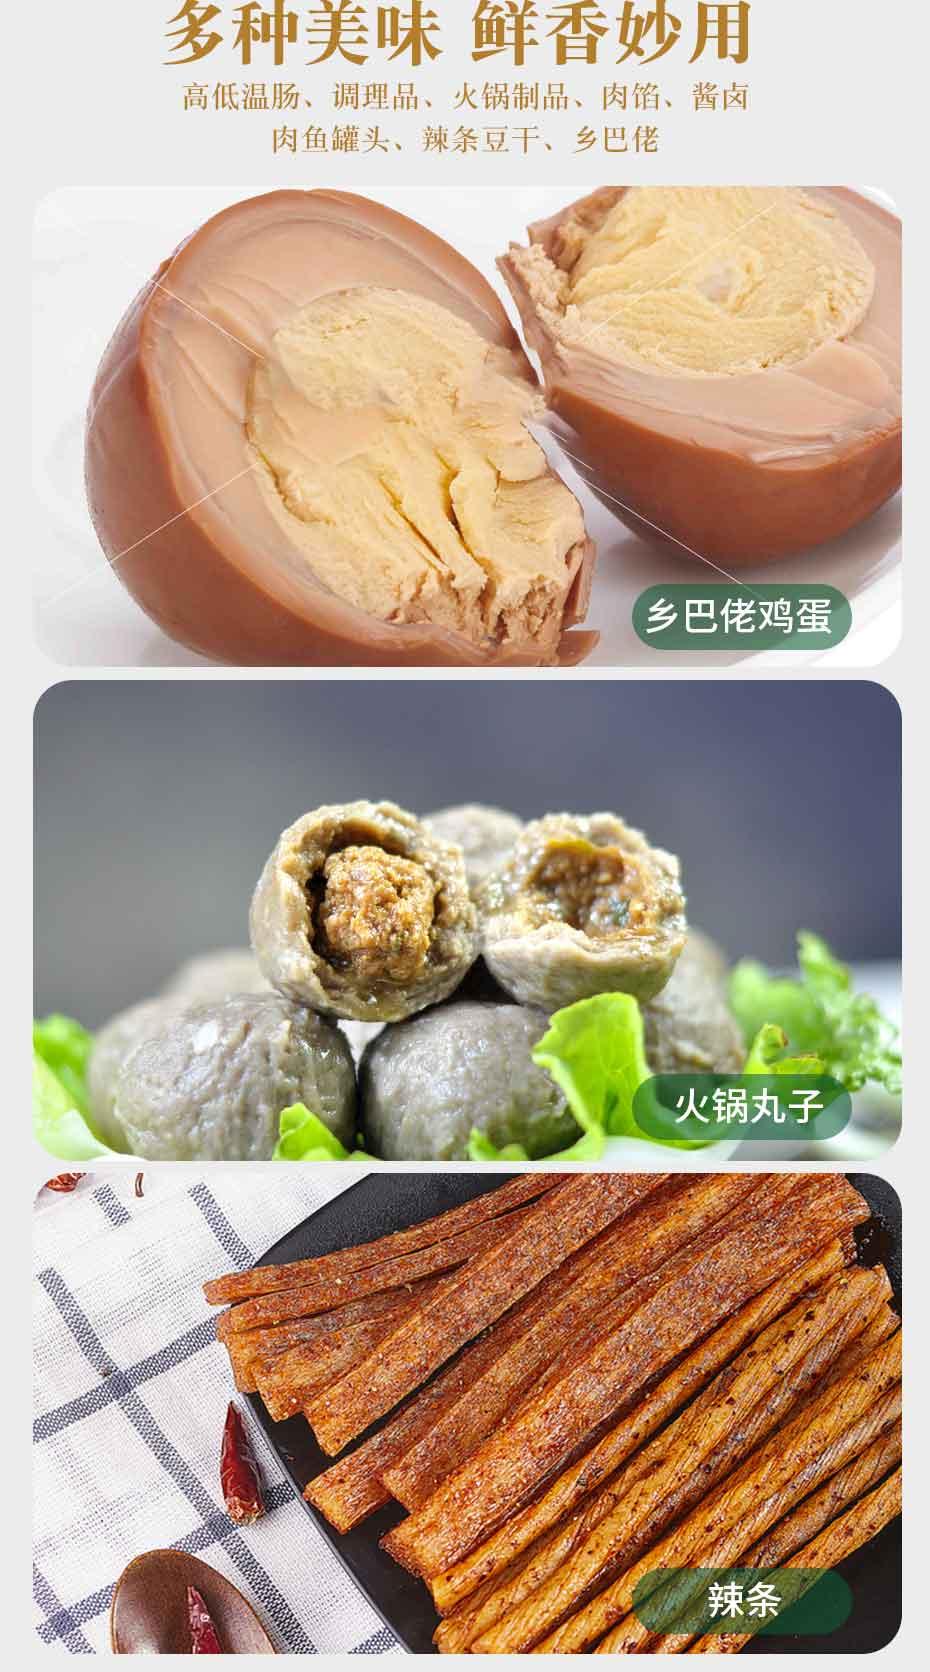 花帝-HD回味粉